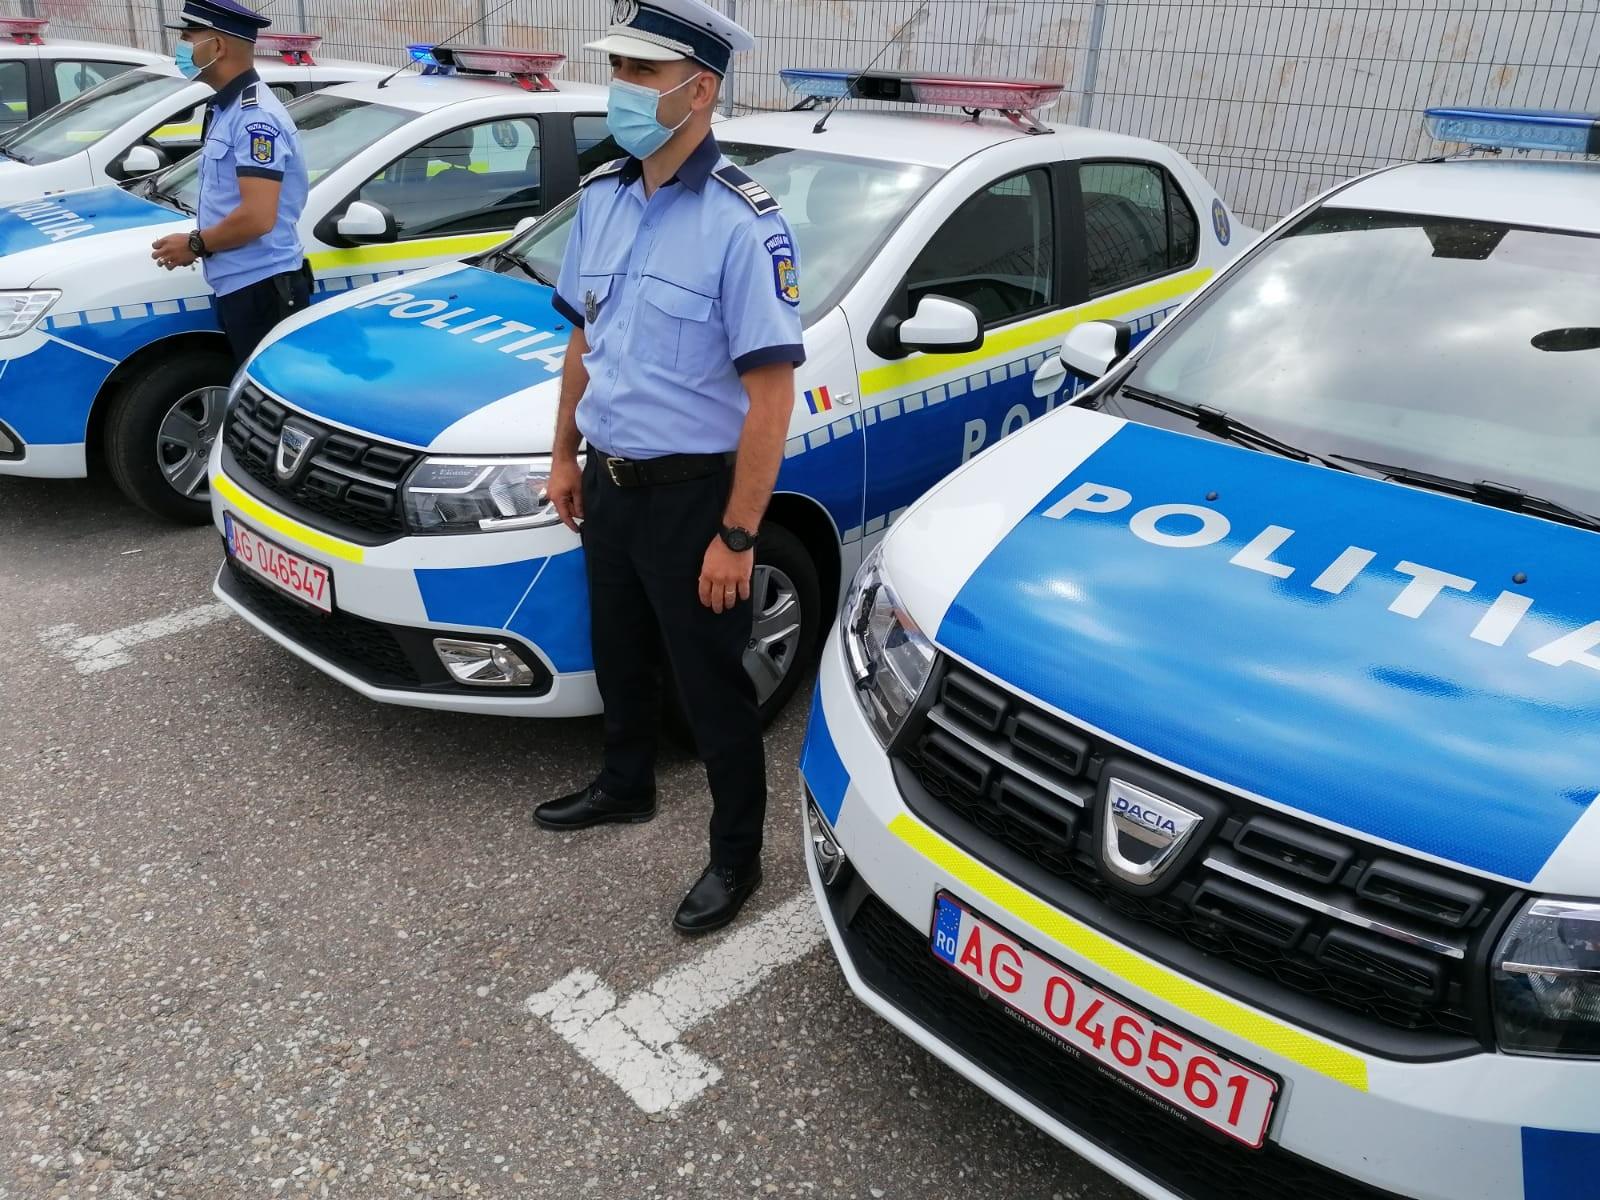 Poliția Română se rebranduiește! Haine noi în culori inconfundabile